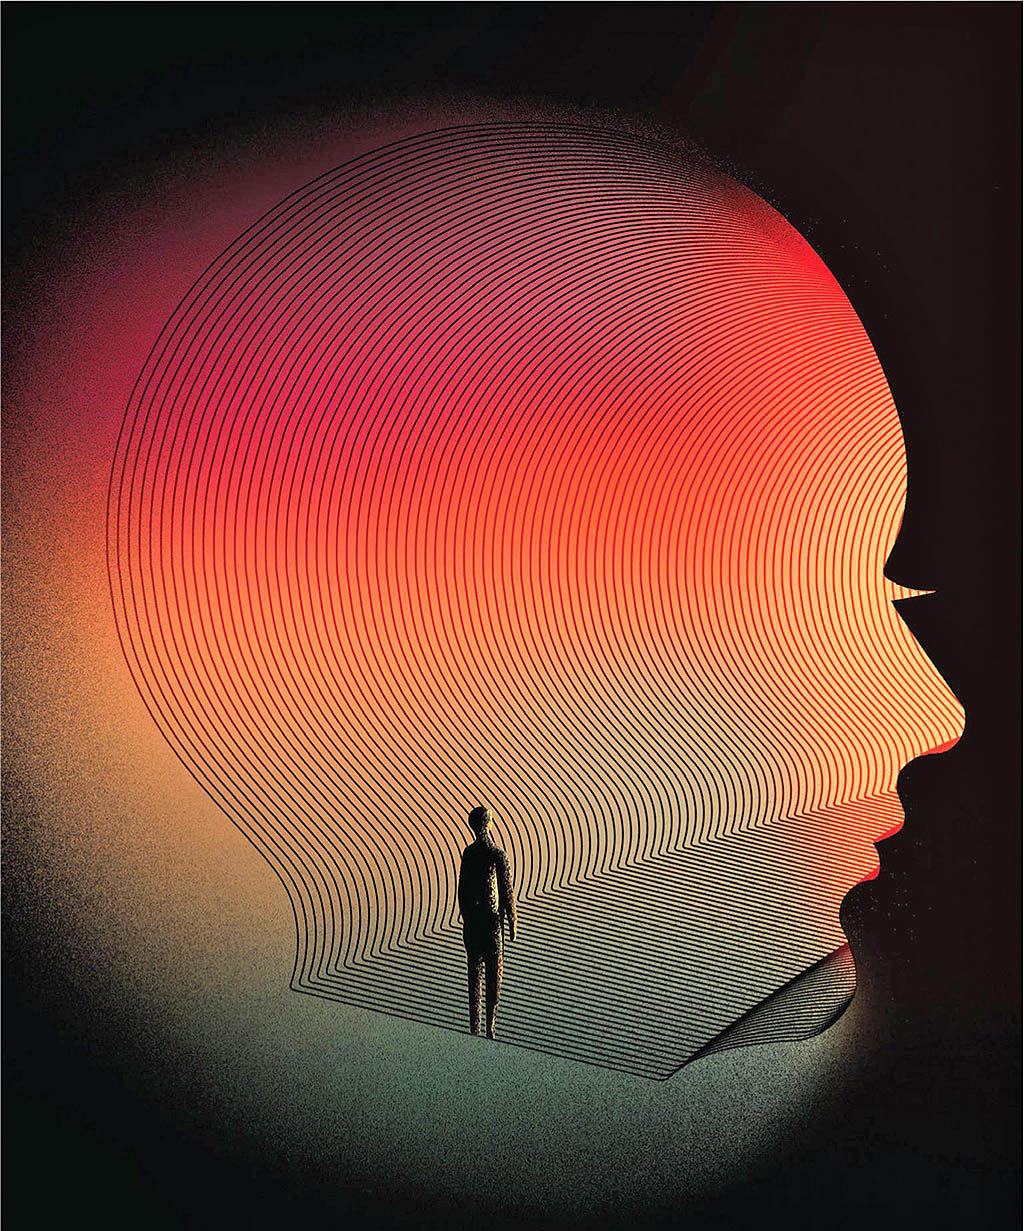 جدال دانش و تجربه